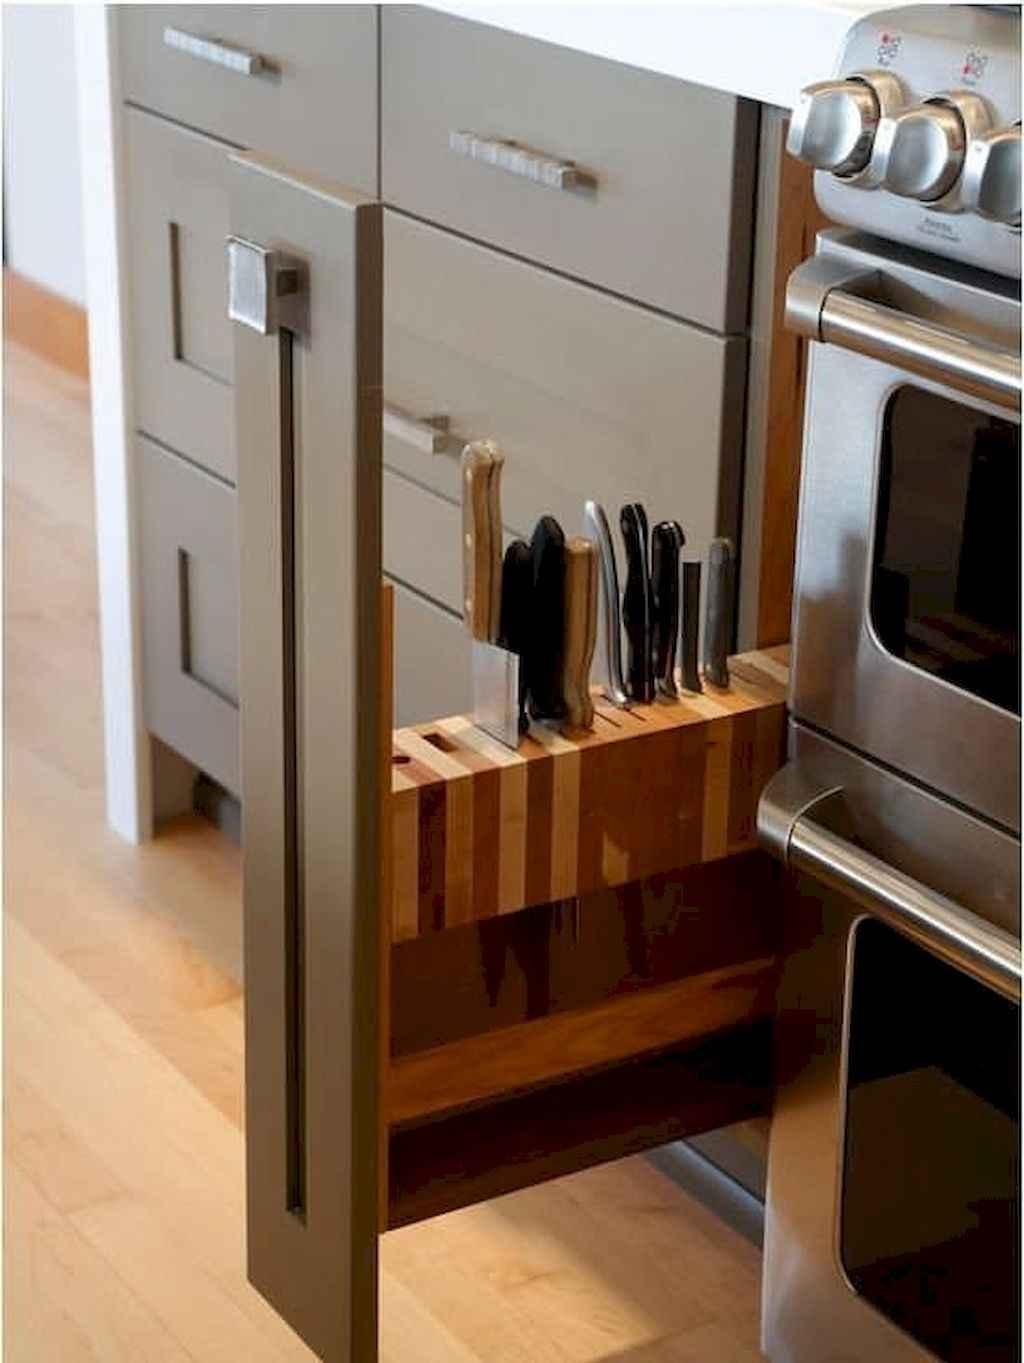 Ingenious hidden kitchen cabinet & storage solutions (23)